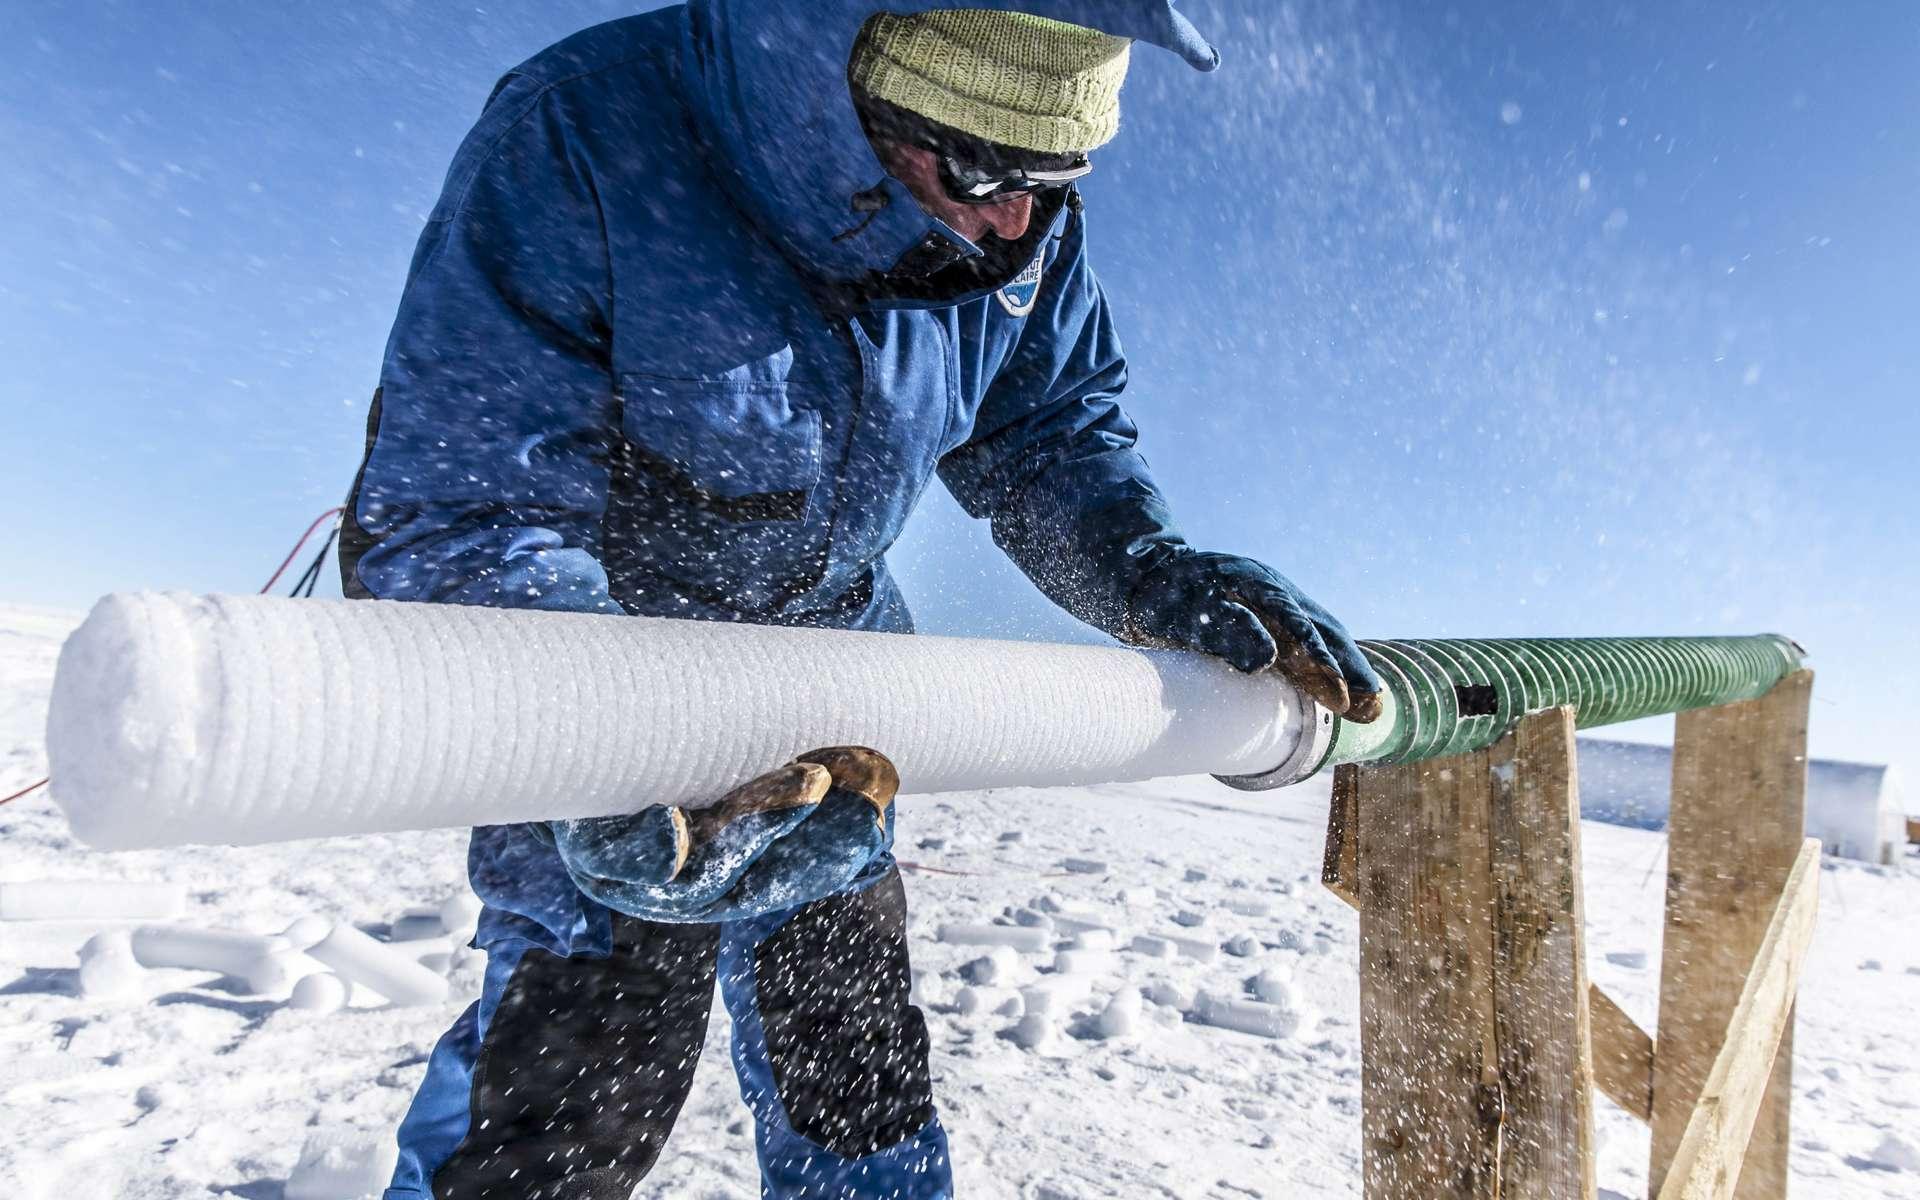 L'expédition Beyond Epica - Oldest Ice (BE-OI) est en voie de pulvériser le record de la plus ancienne carotte de glace du monde, établi à 800.000 ans par le projet Epica précédent, en récupérant une carotte archivant 1,5 million d'années de données climatiques. © Thibaut Vergoz, Institut polaire français, CNRS